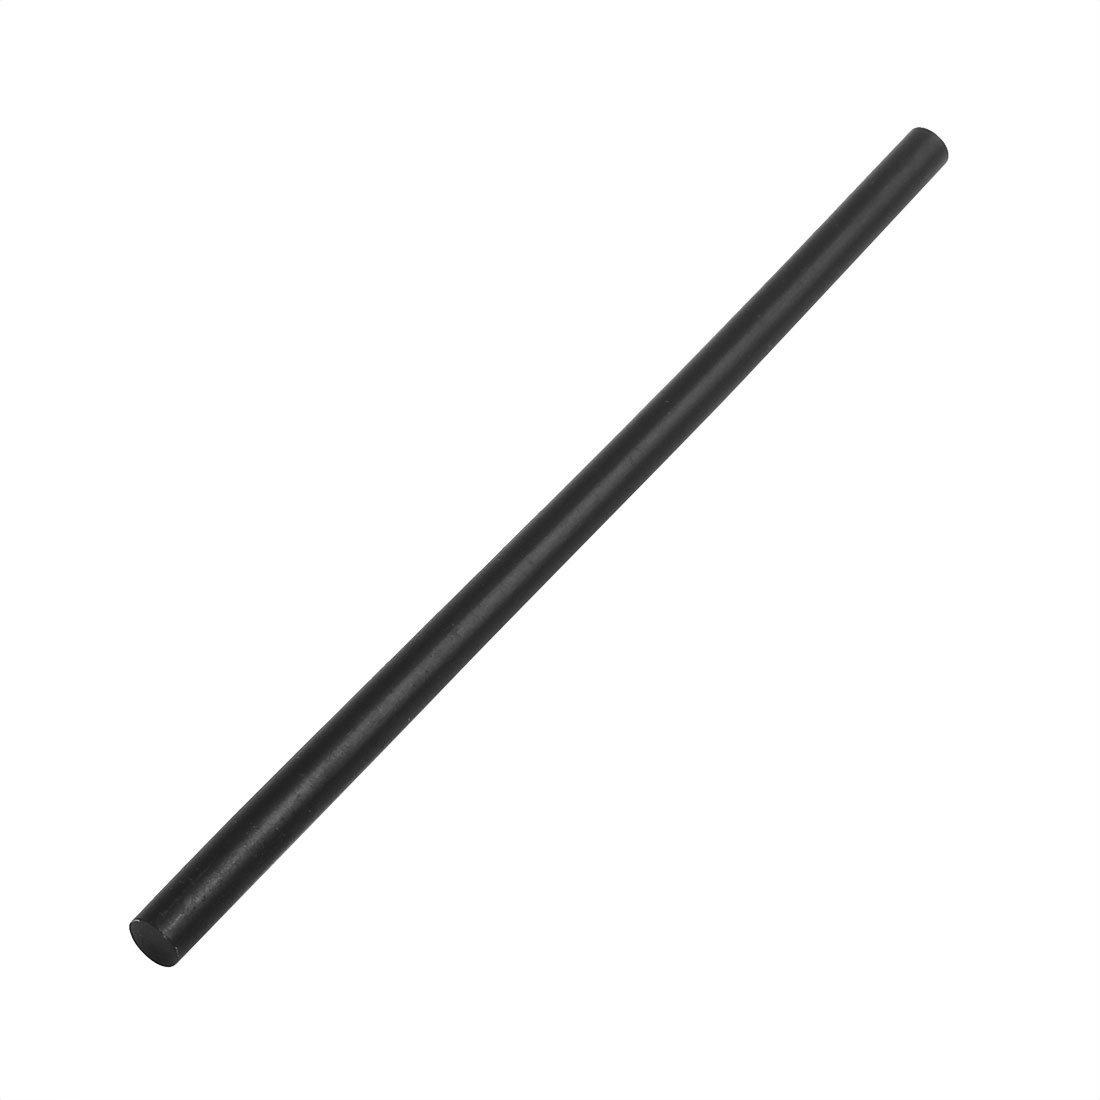 eDealMax 29 piezas Negro 7 mm Diámetro de soldadura de hierro fundido en caliente barra de pegamento 168 mm Longitud - - Amazon.com